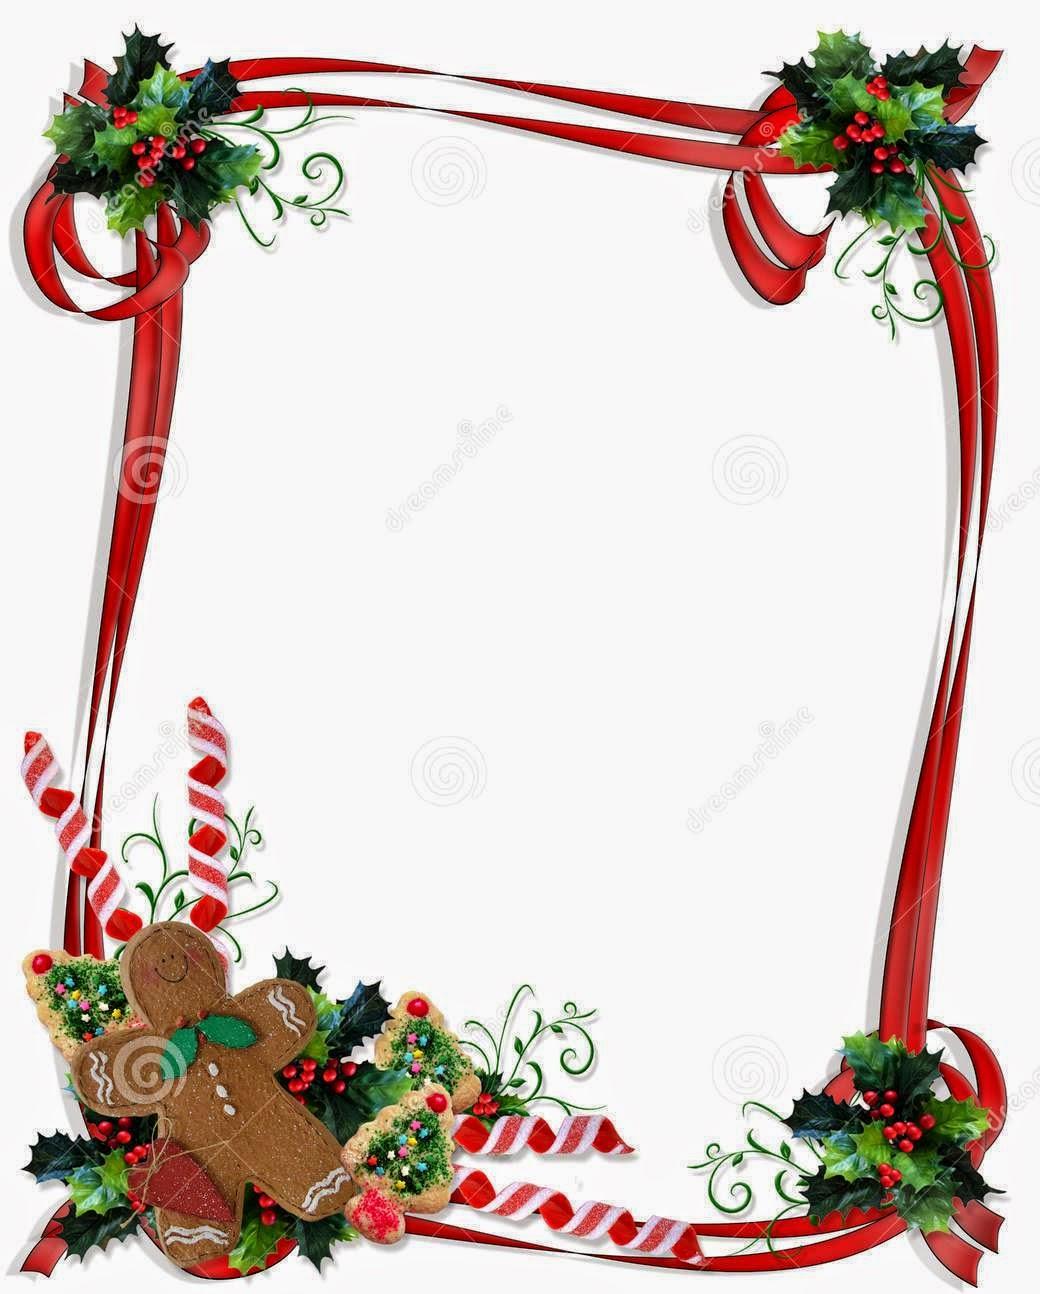 holiday clip art free borders - photo #48